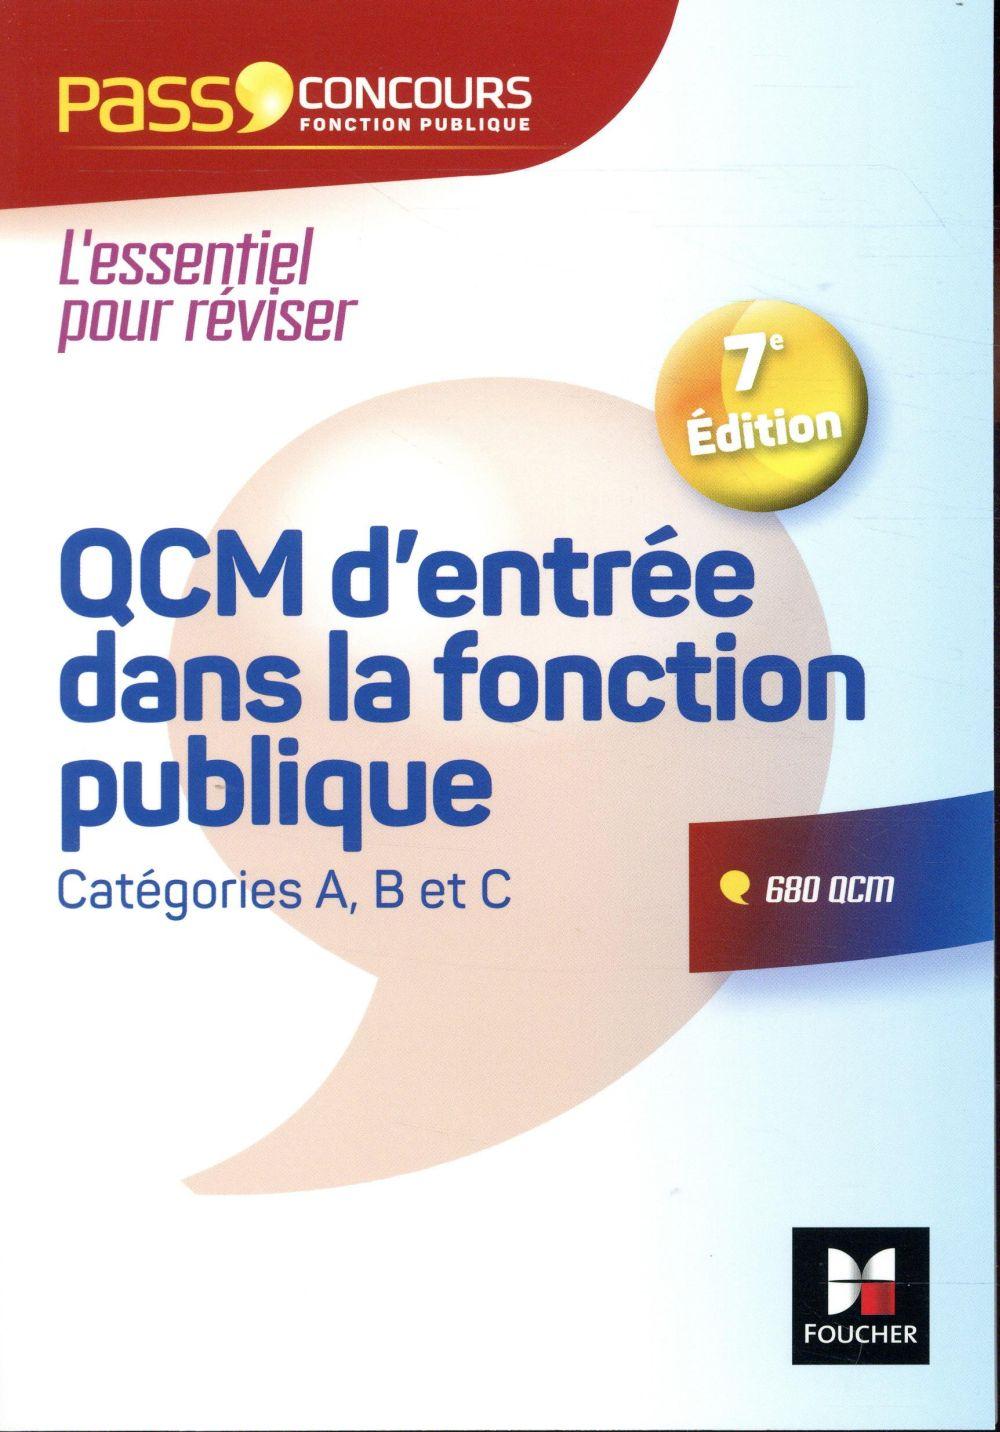 PASS'CONCOURS  -  QCM D'ENTREE DANS LA FONCTION PUBLIQUE  -  REVISION ET ENTRAINEMENT (7E EDITION) CHEVALIER, FRANCOIS  FOUCHER